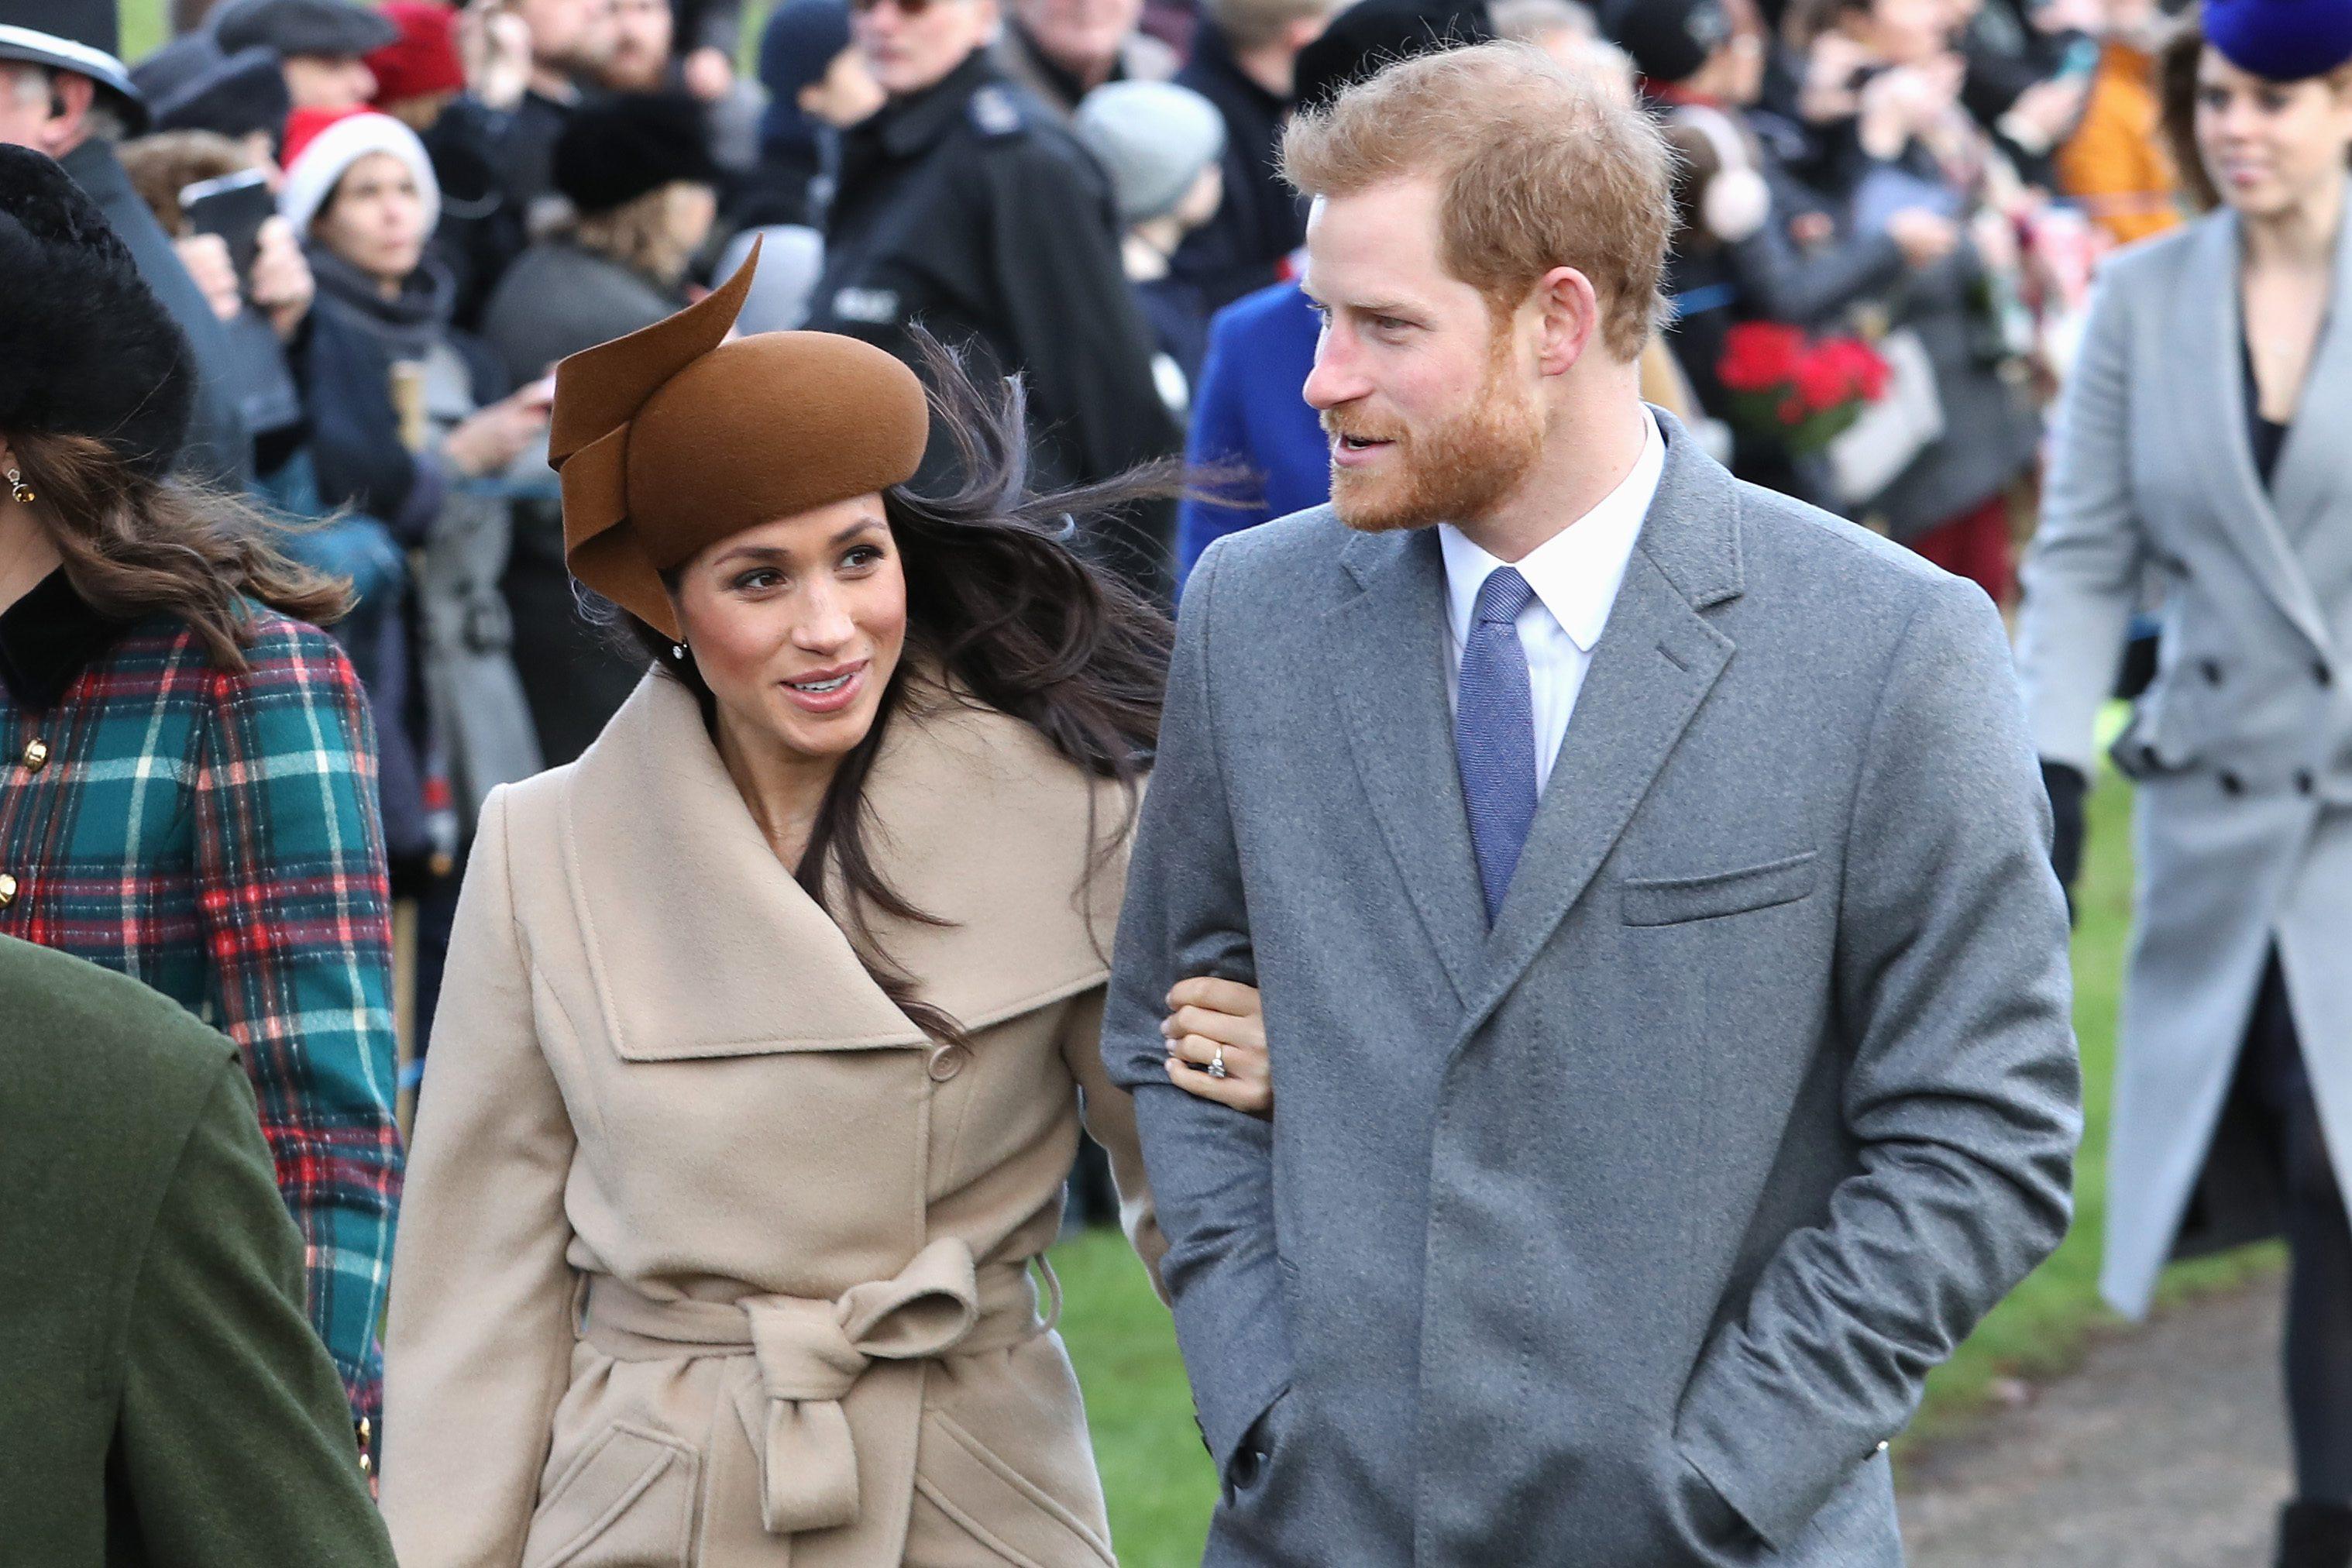 Matrimonio Harry E Megan : Perché il matrimonio di harry e megan sarà molto diverso